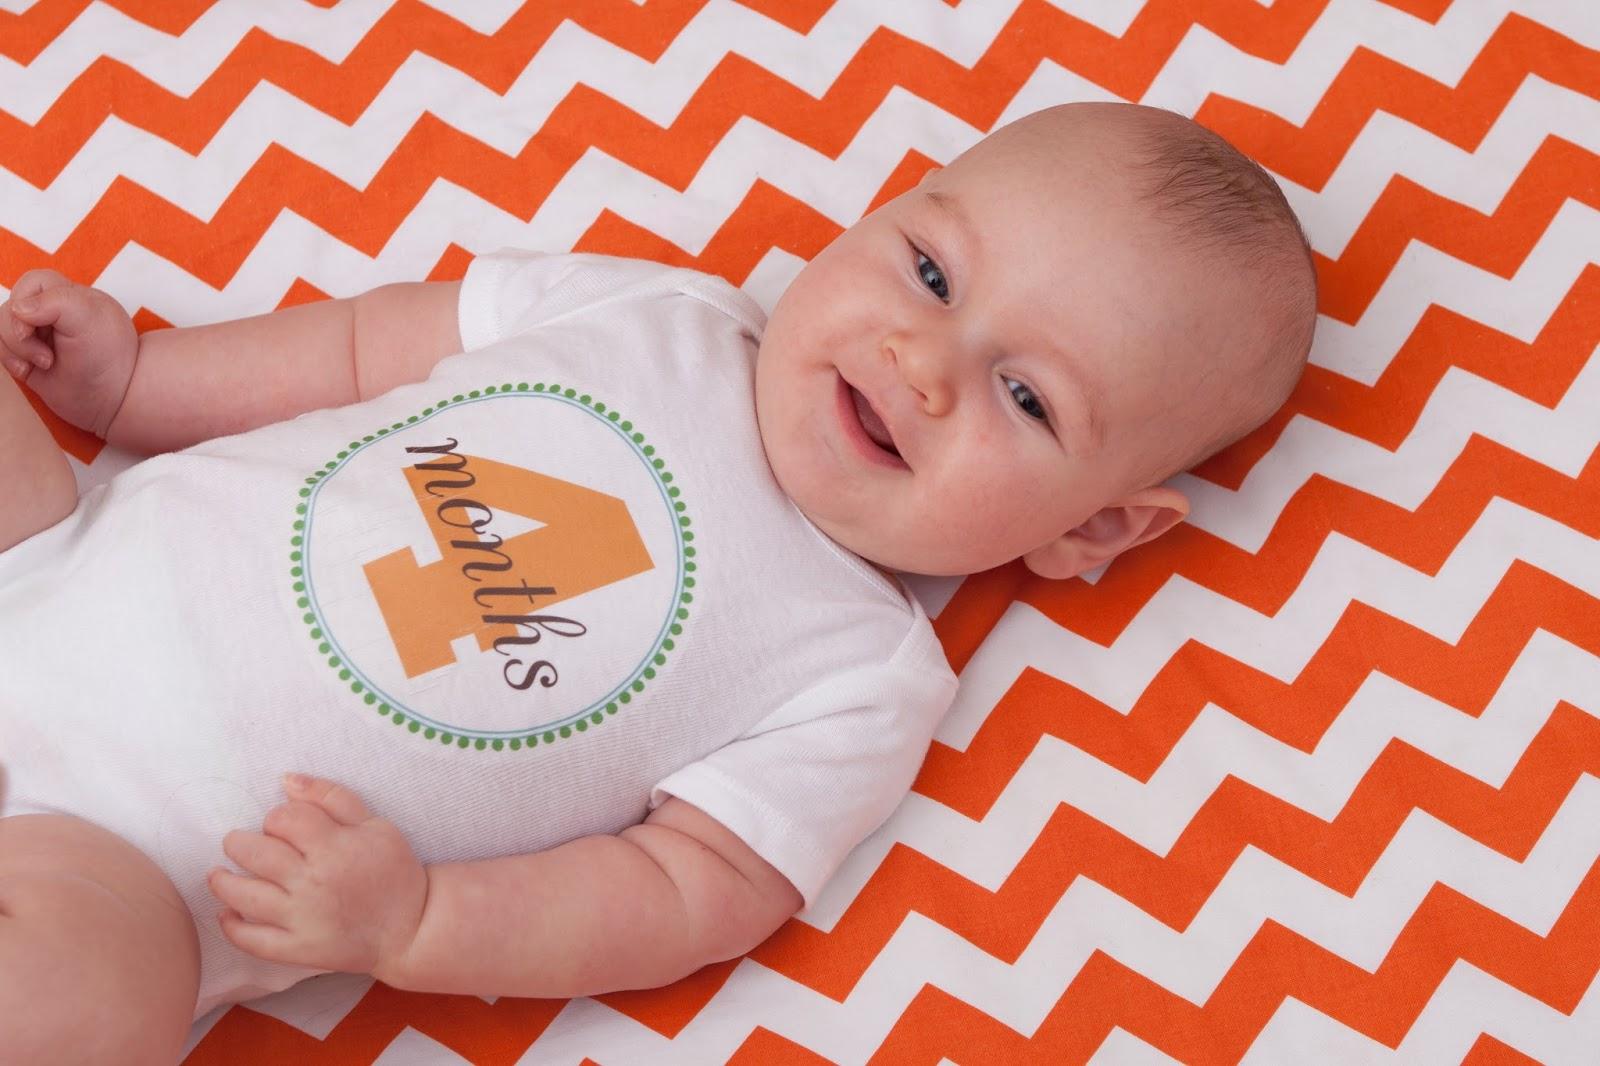 Quarto mese del neonato: tutto quello che devi sapere